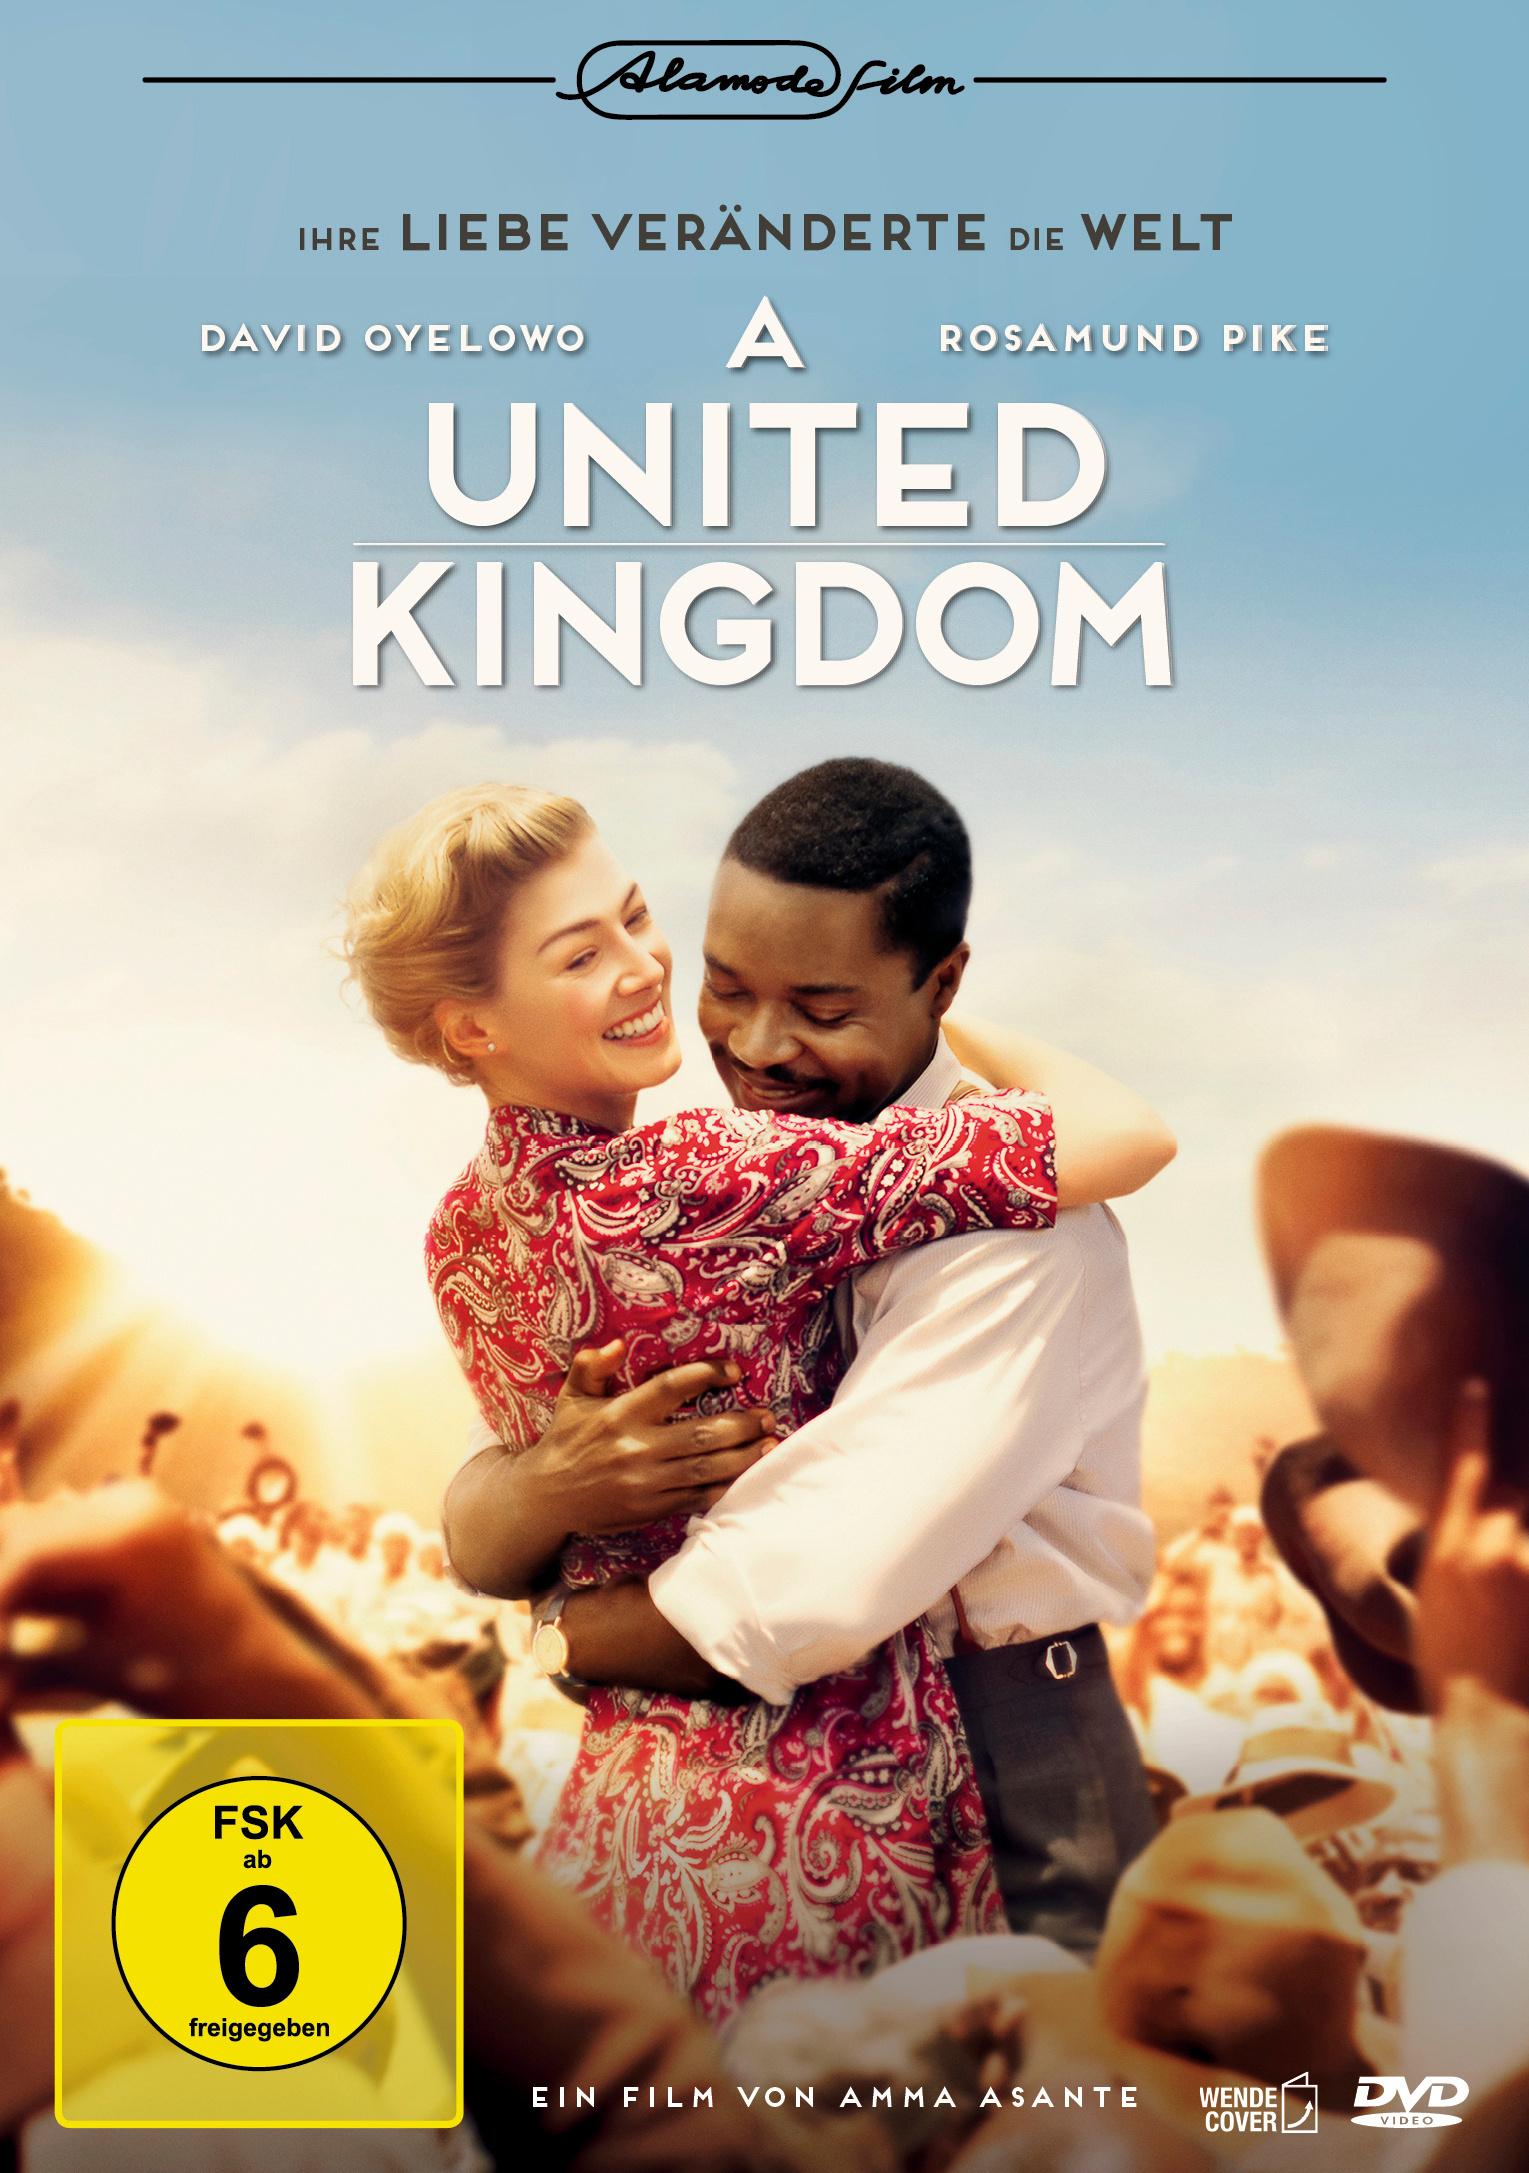 Image of A United Kingdom - Ihre Liebe veränderte die Welt